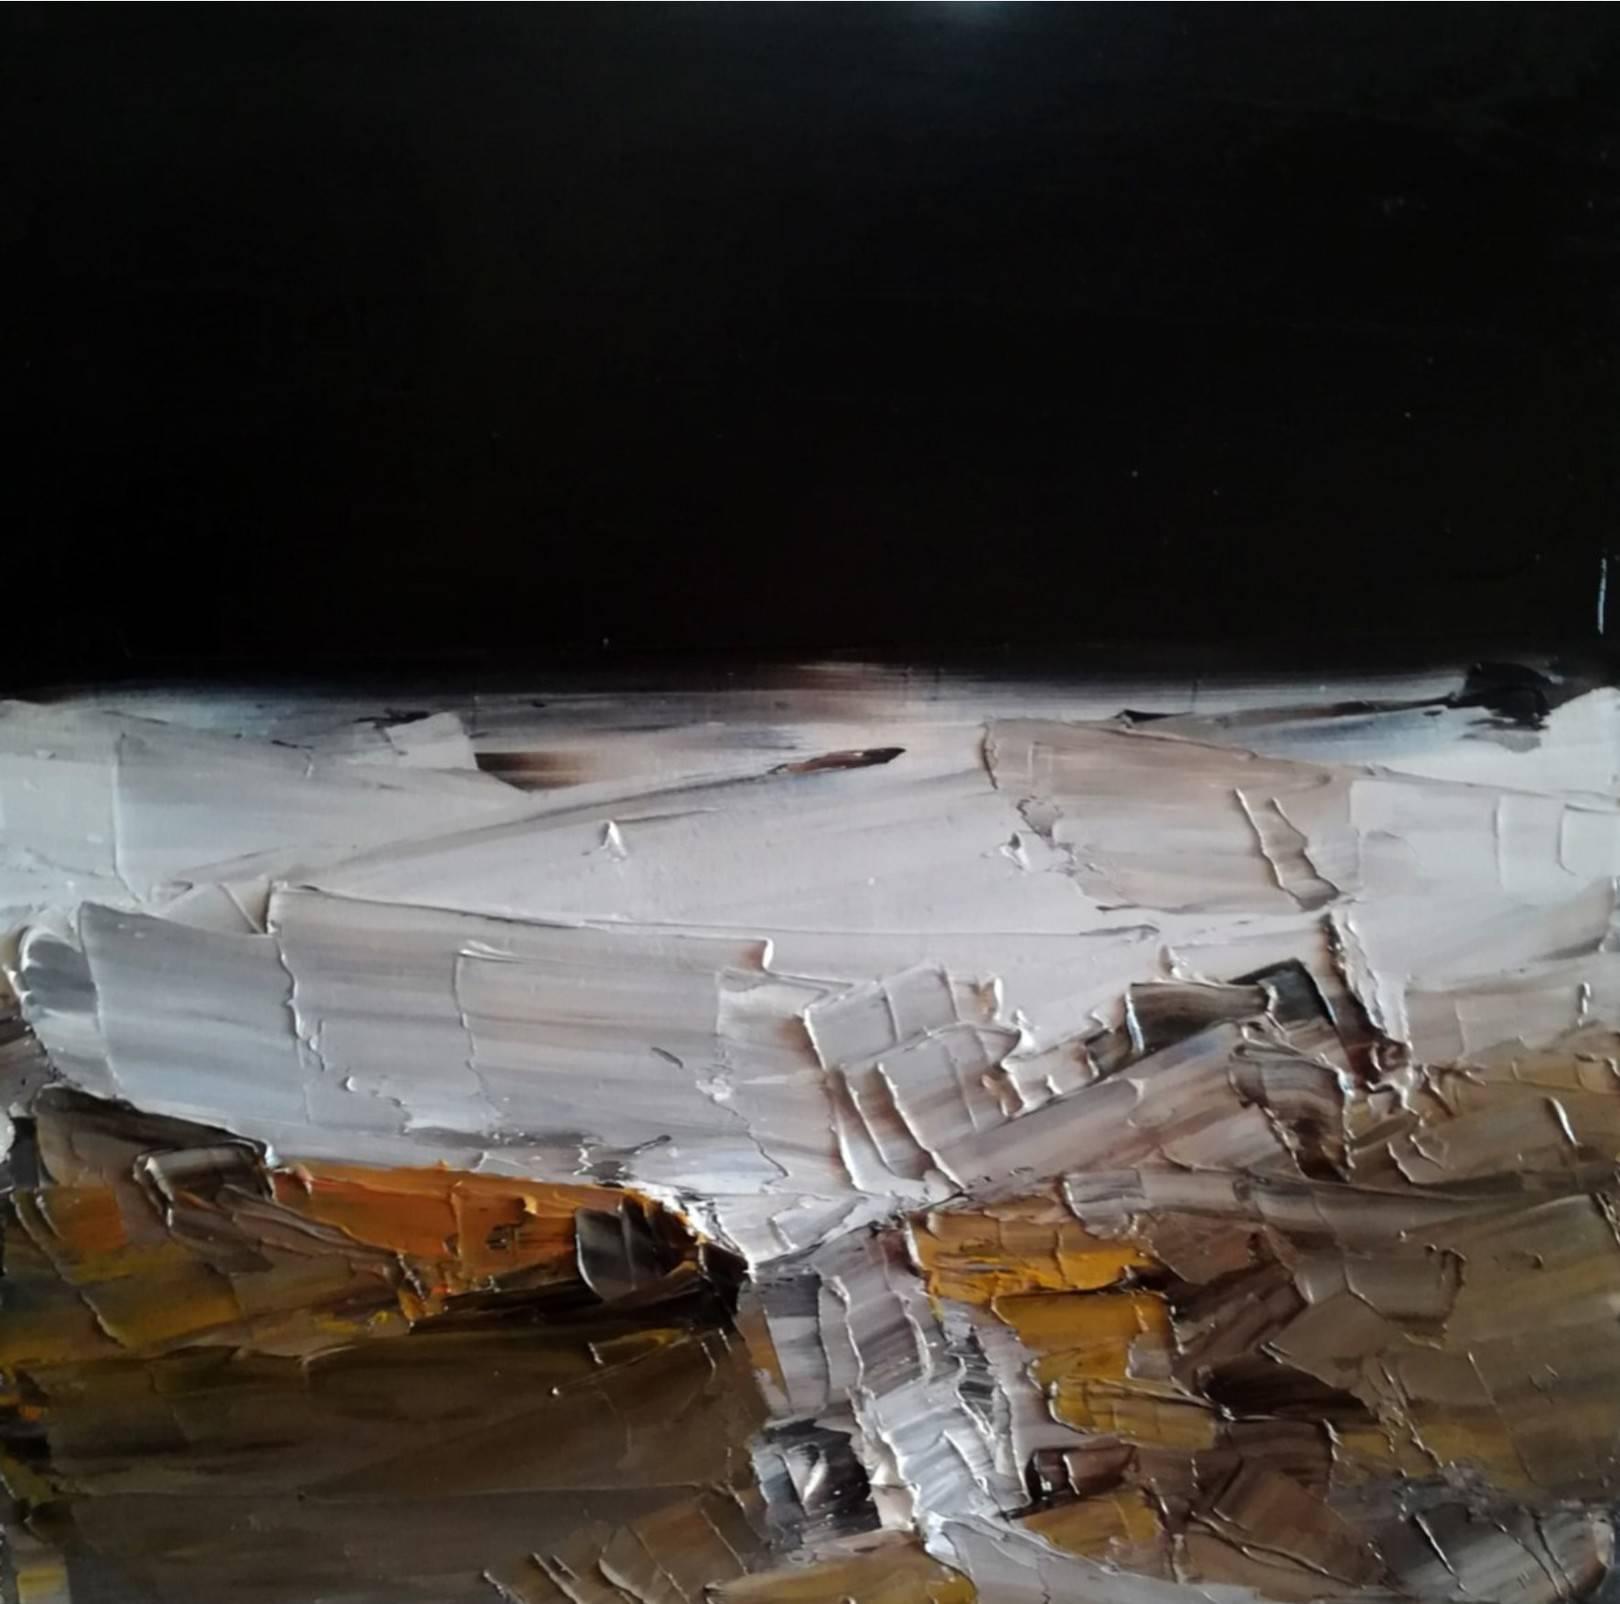 Moonlight. 2019 óleo espátula lienzo 21.5 x 21.5 cm. http://bohemiogus.blogspot.com